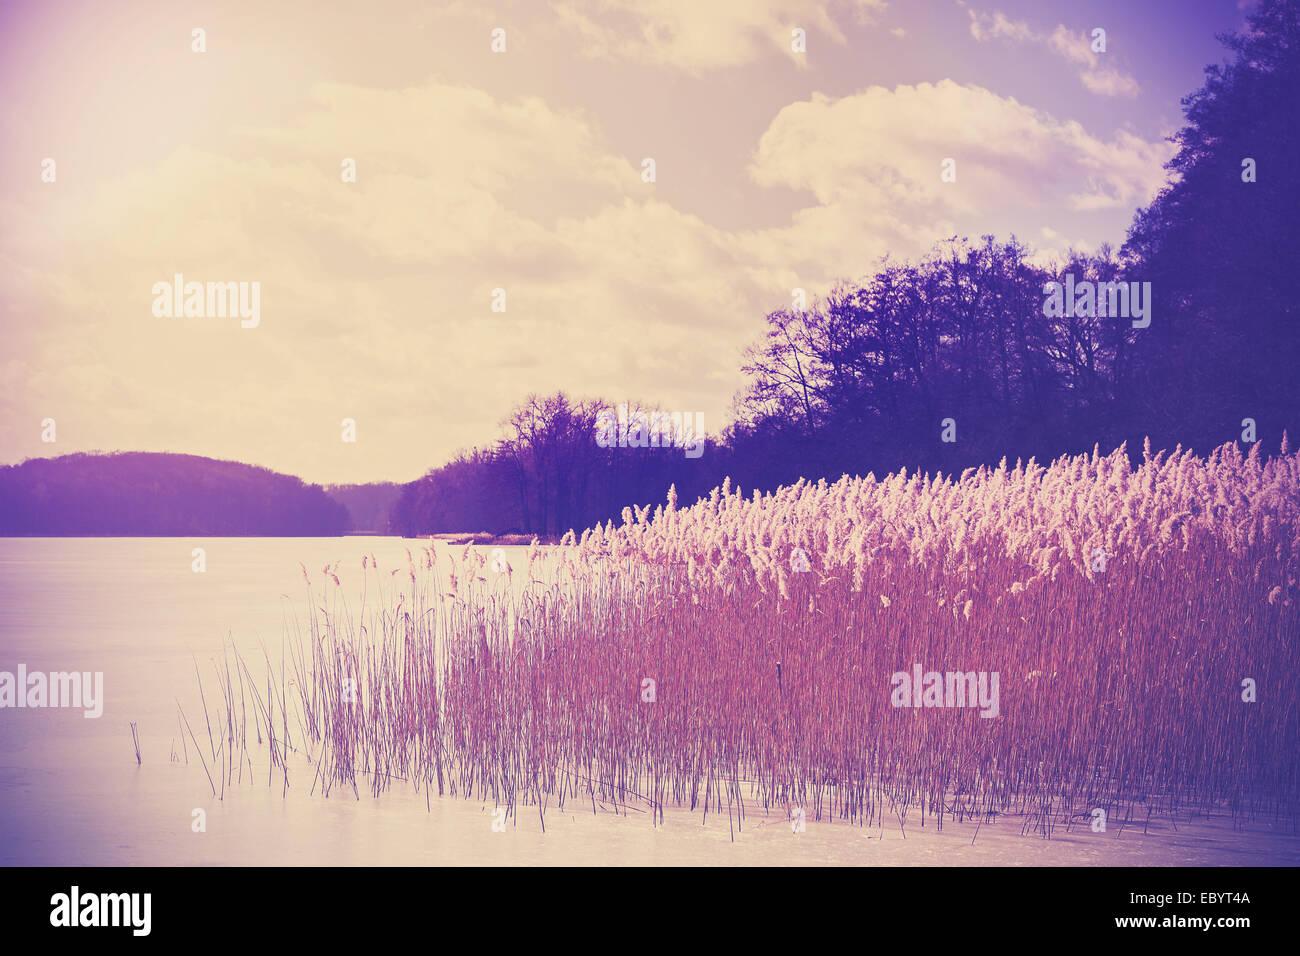 Vintage Retro tonificado imagen del lago en invierno. Imagen De Stock